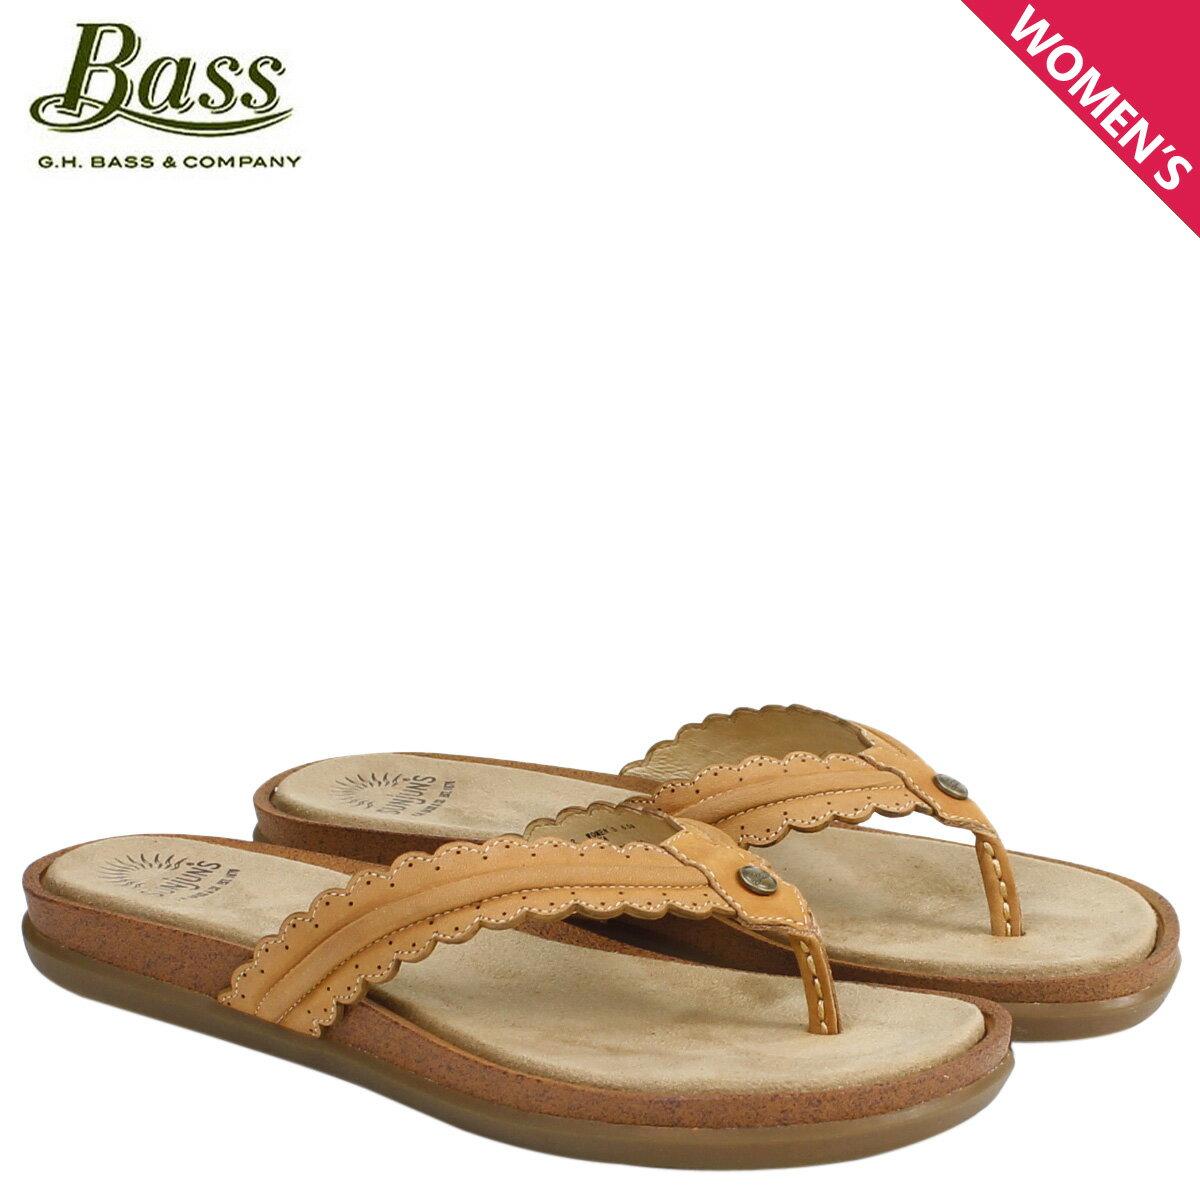 ジーエイチバス サンダル レディース G.H. BASS トングサンダル SAMANTHA SCALLOPED SUNJUNS 71-23032 靴 ブラウン [177]